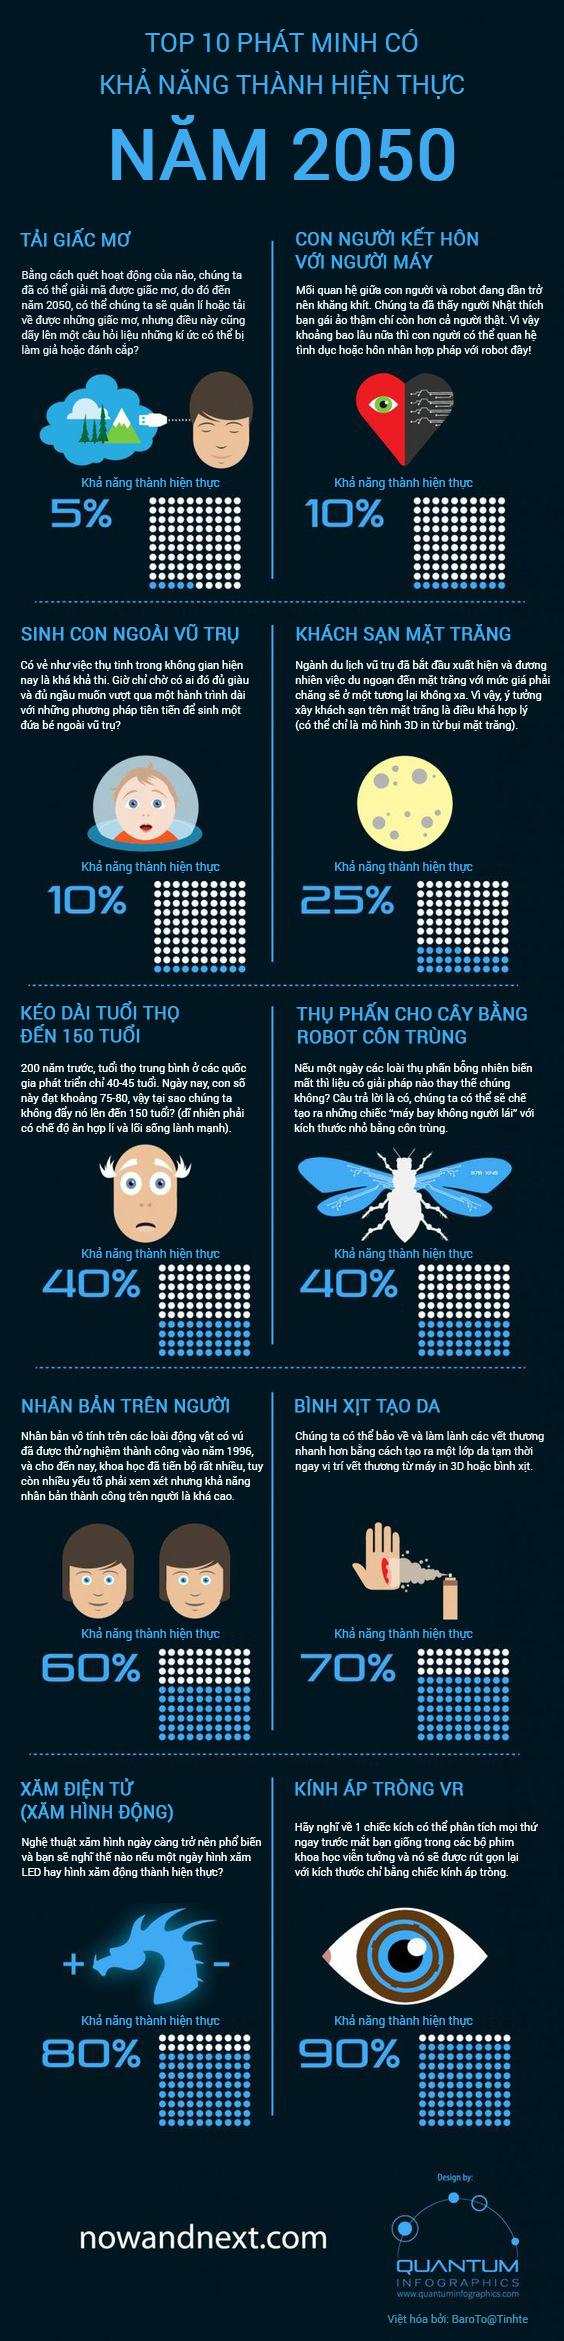 [Infographic] Top 10 phát minh có khả năng thành hiện thực vào năm 2050 - Ảnh 1